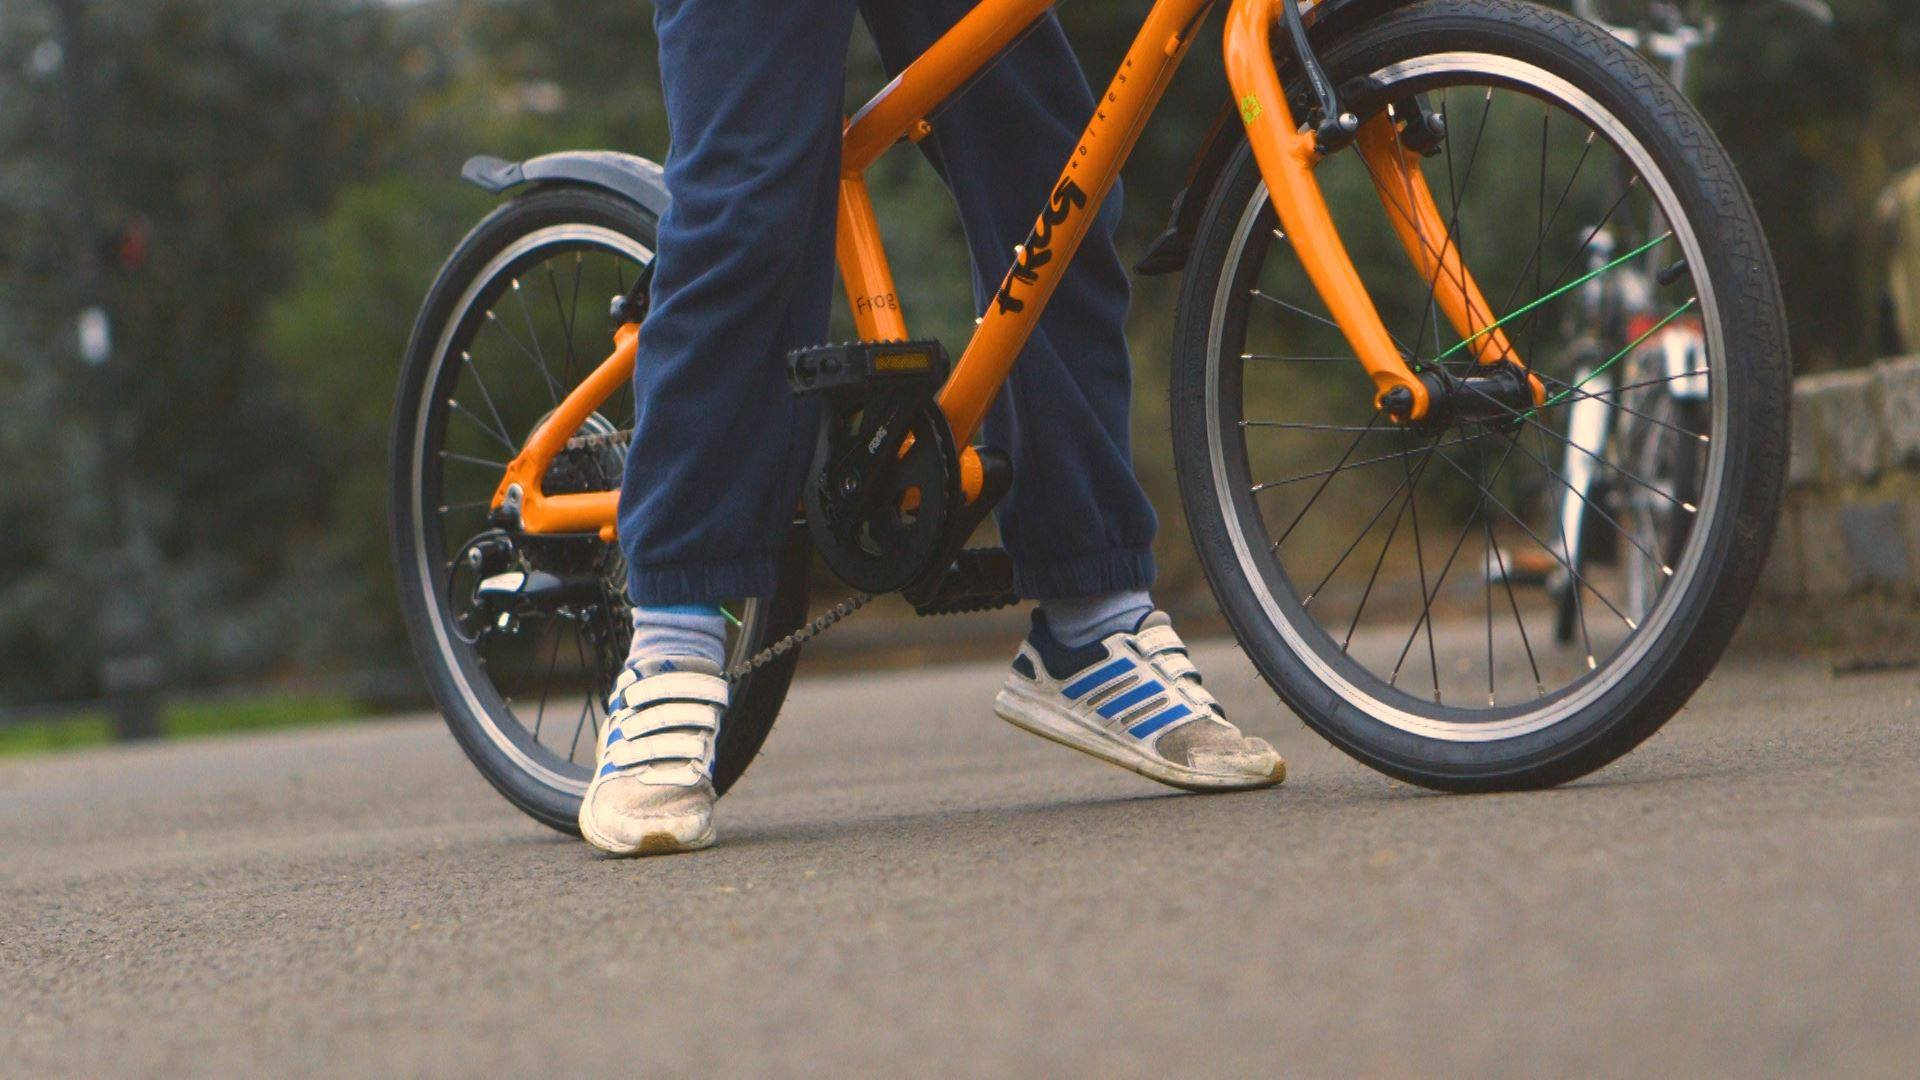 Hoe bepaal je de juiste zadelhoogte voor je kind? magasin de vélo pour enfants, kinderfietsenwinkel, Fahrradladen für Kinder, frogbikes bij Stip-kinderfietsen